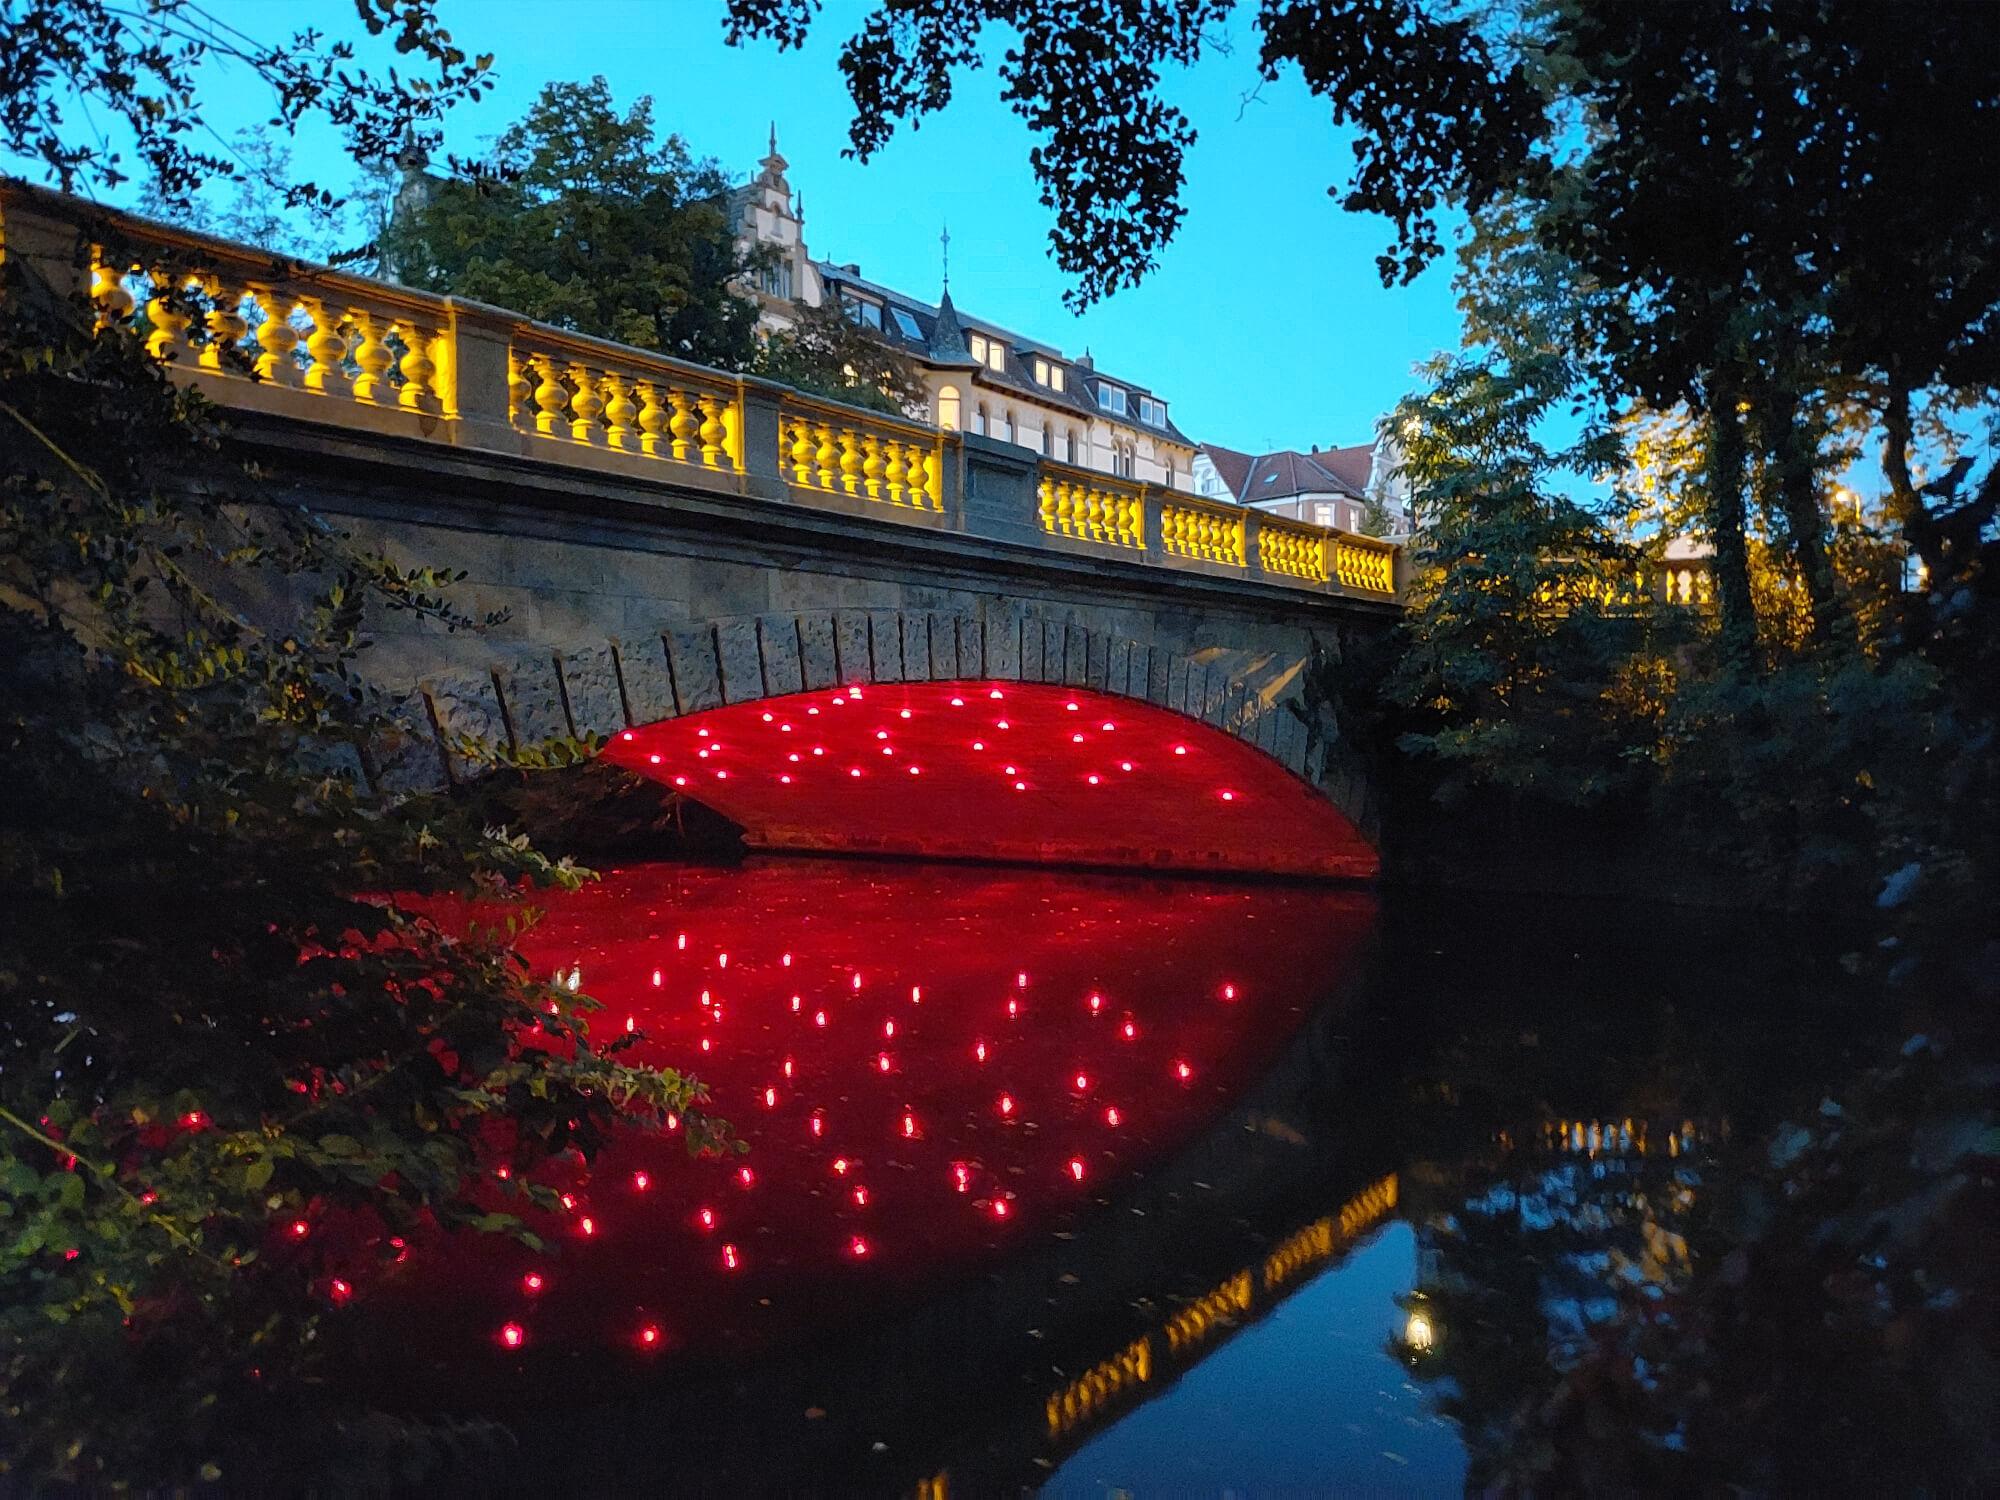 Eine schön beleuchtete Brücke